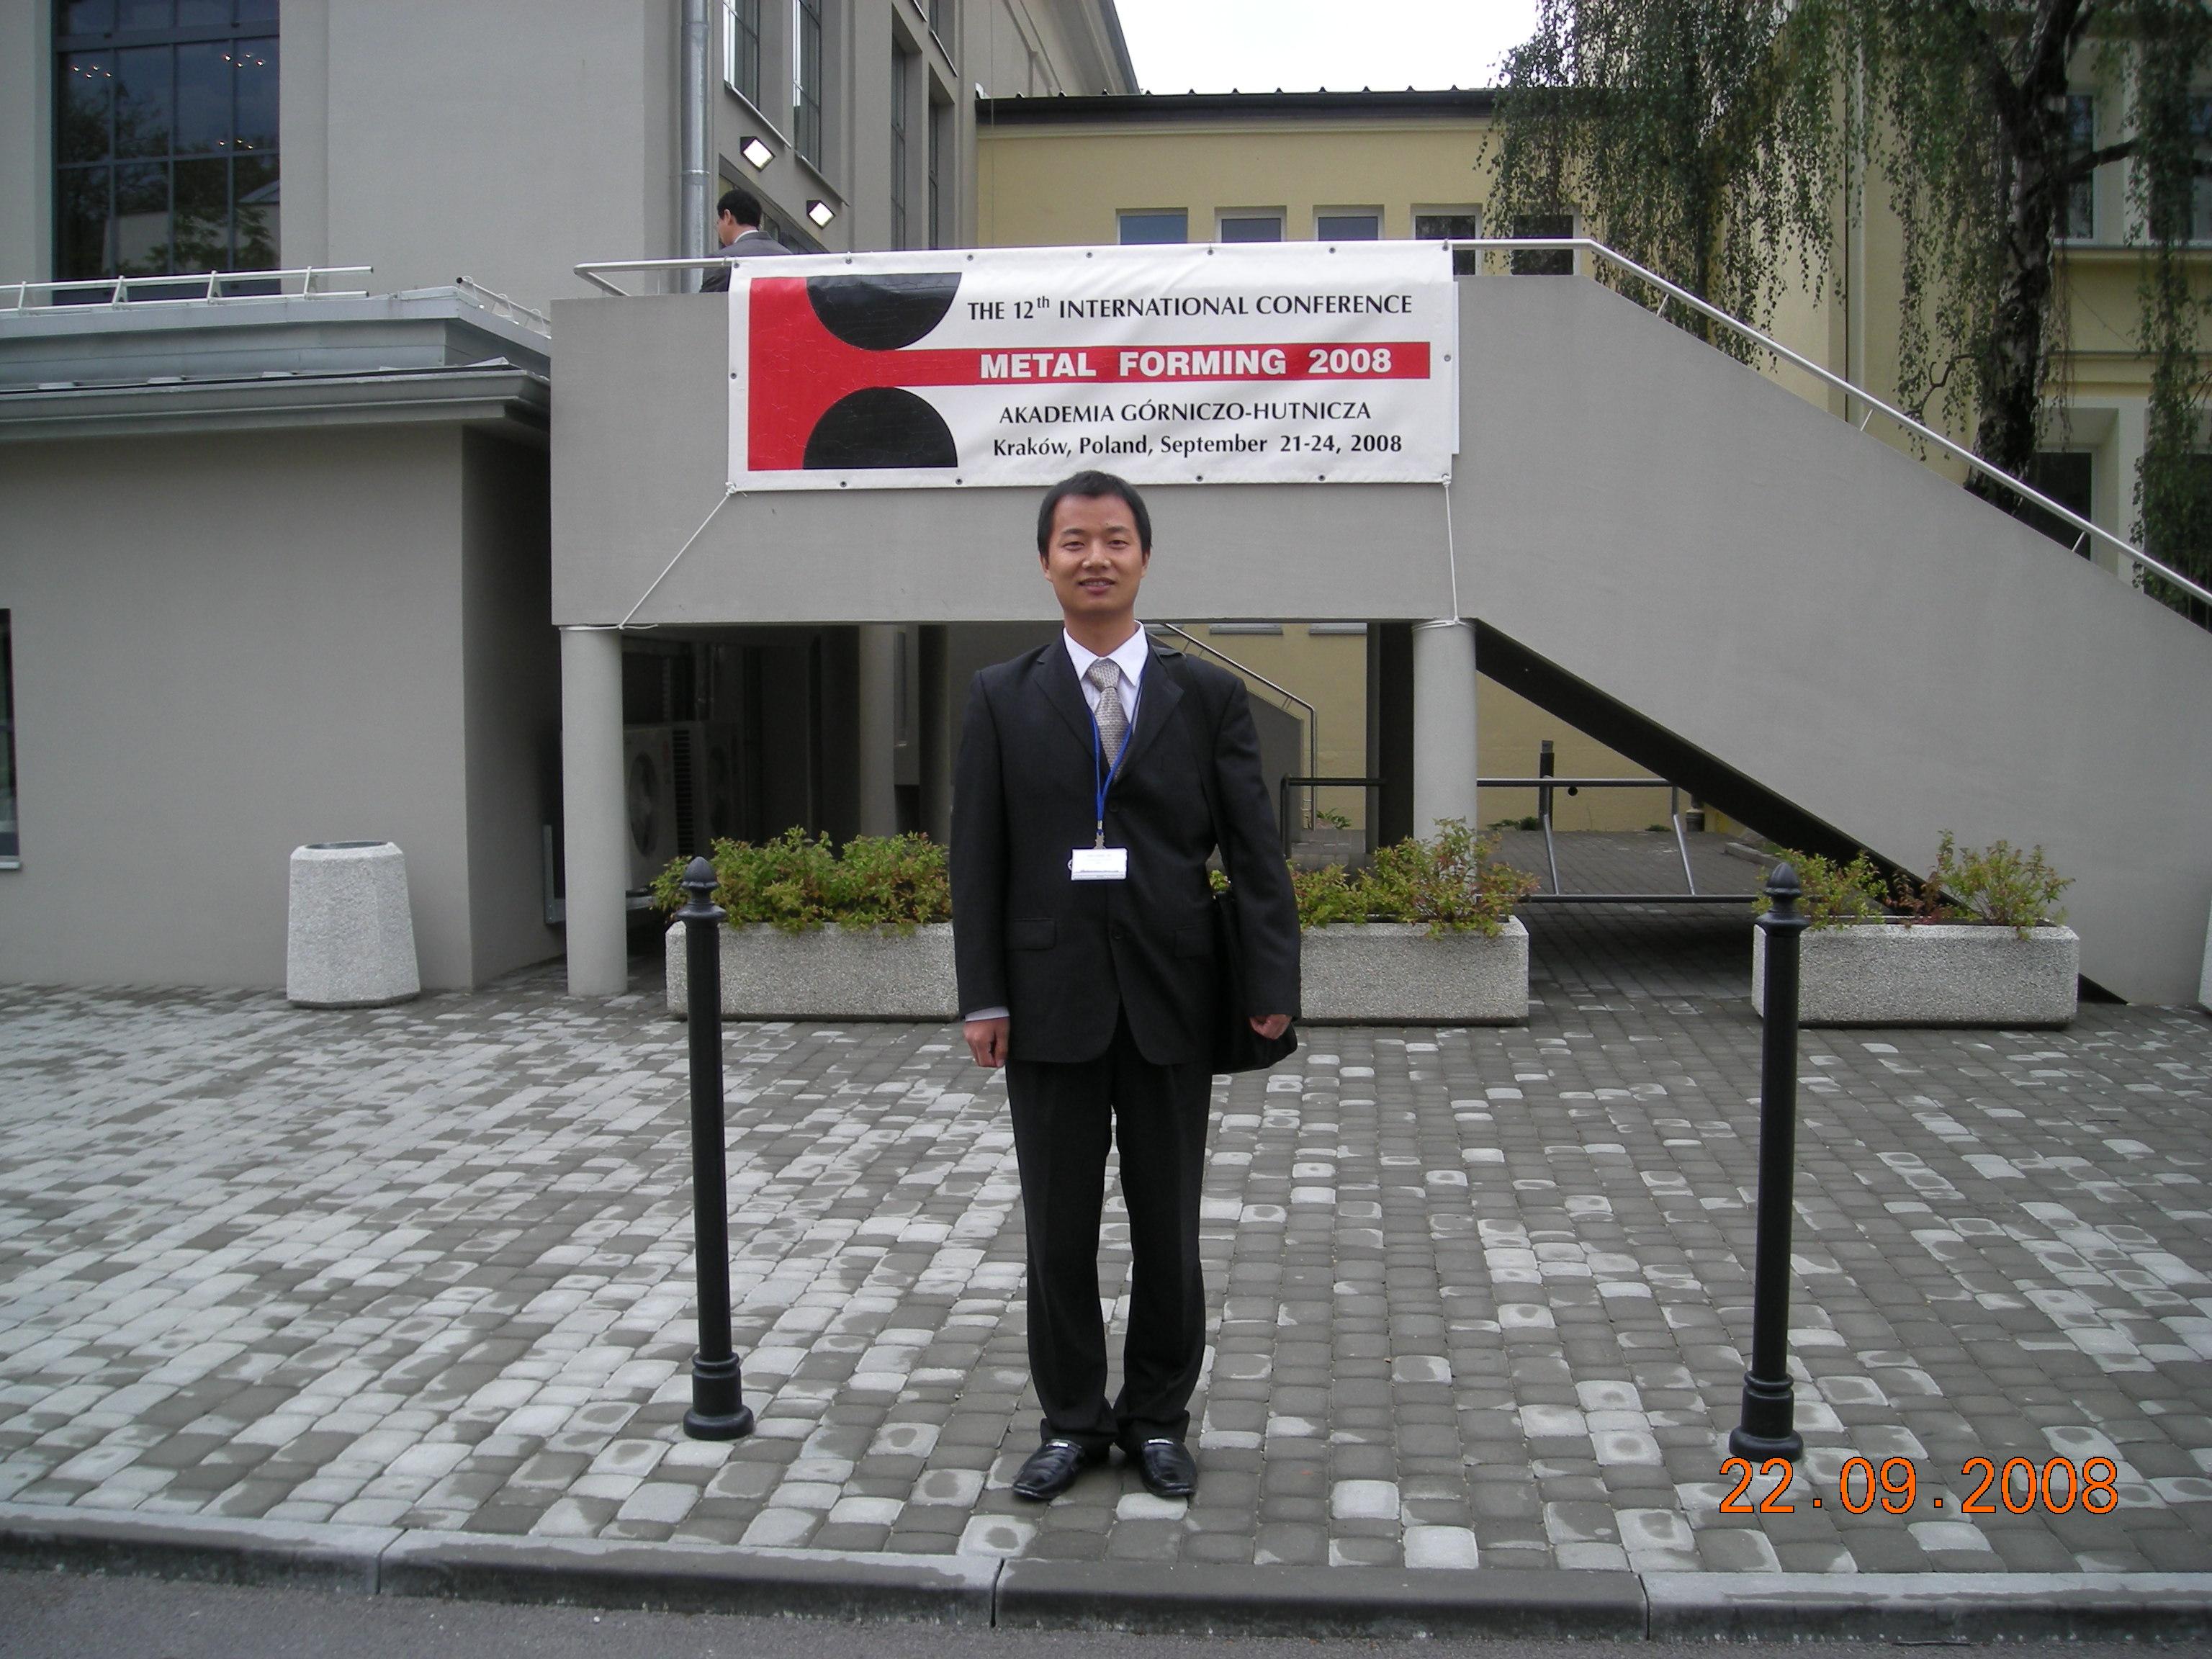 喻海良博士,沈阳大学教授,澳大利亚卧龙岗大学研究员,清华大学机械系材料科学与工程博士后